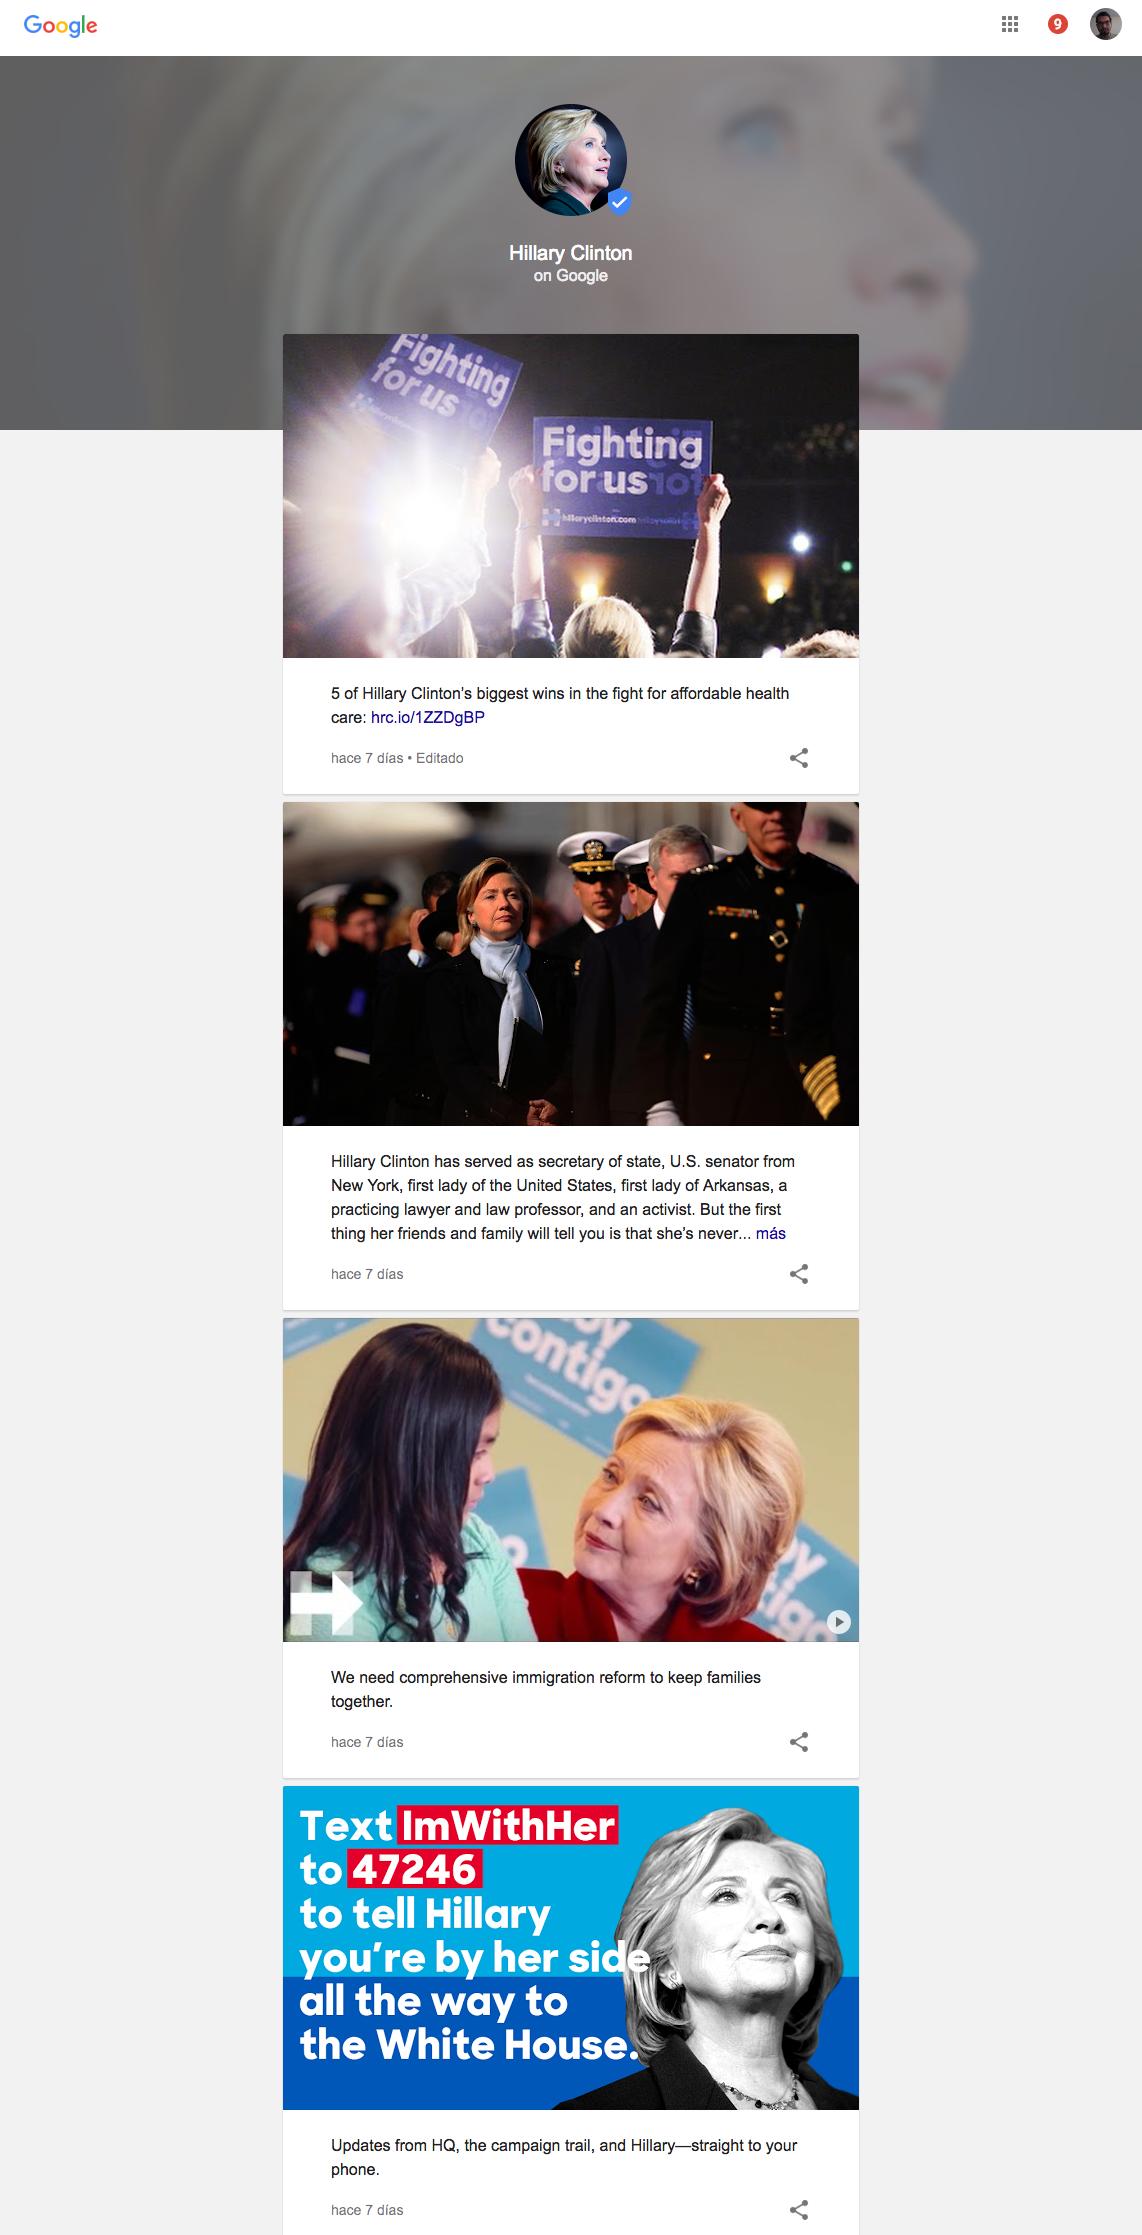 Google presenta la información sobre Hillary Clinton en una manera de fácil lectura para los internautas.